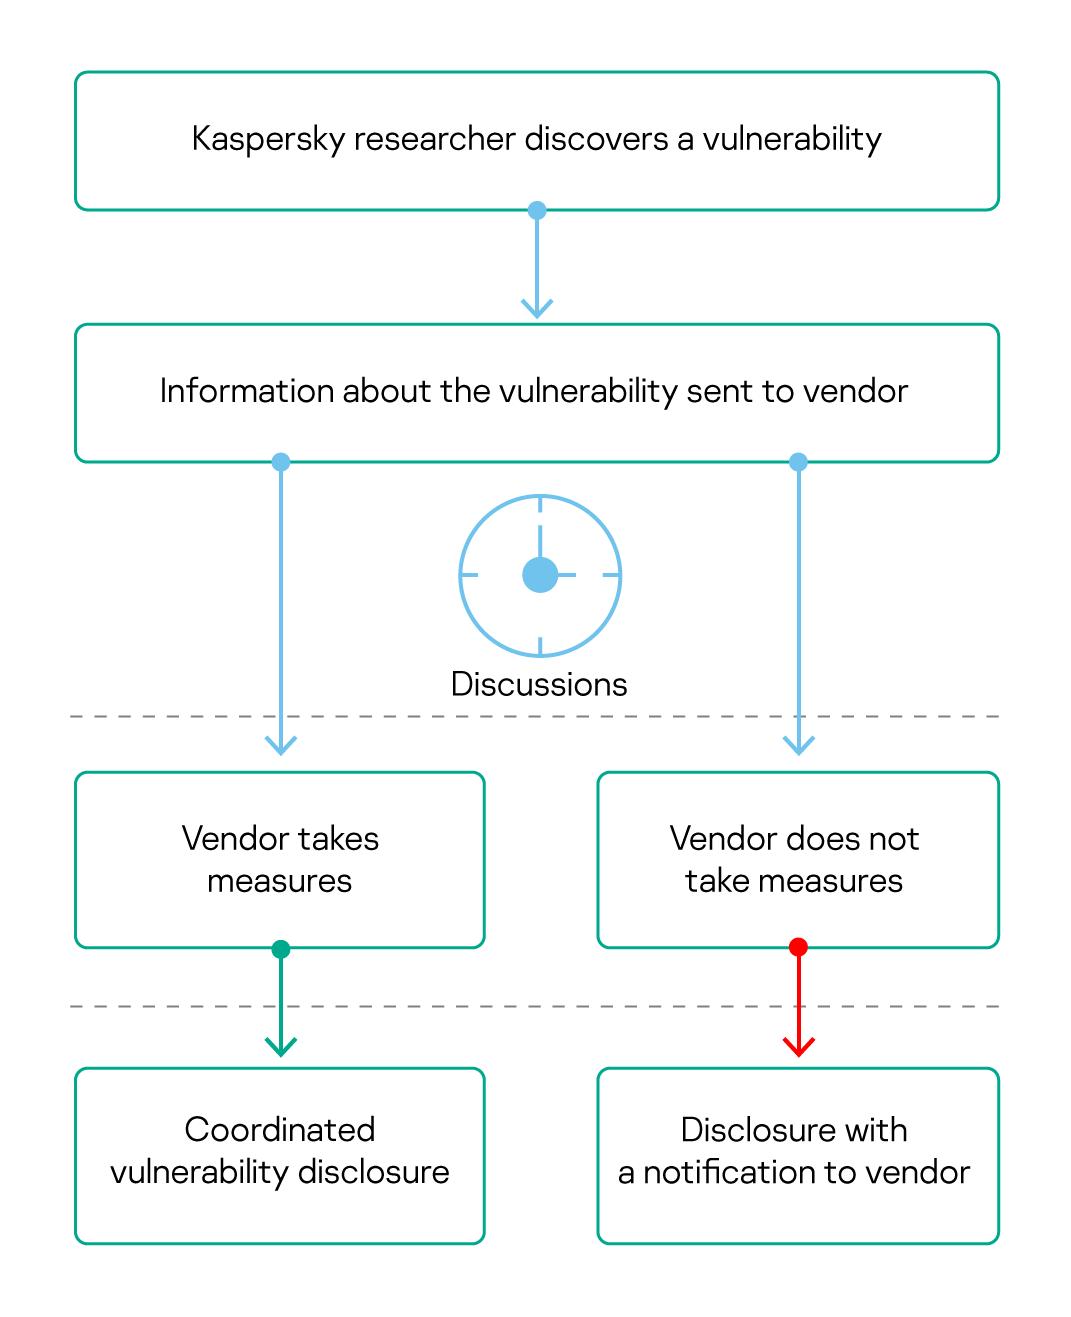 Vulnerability disclosure